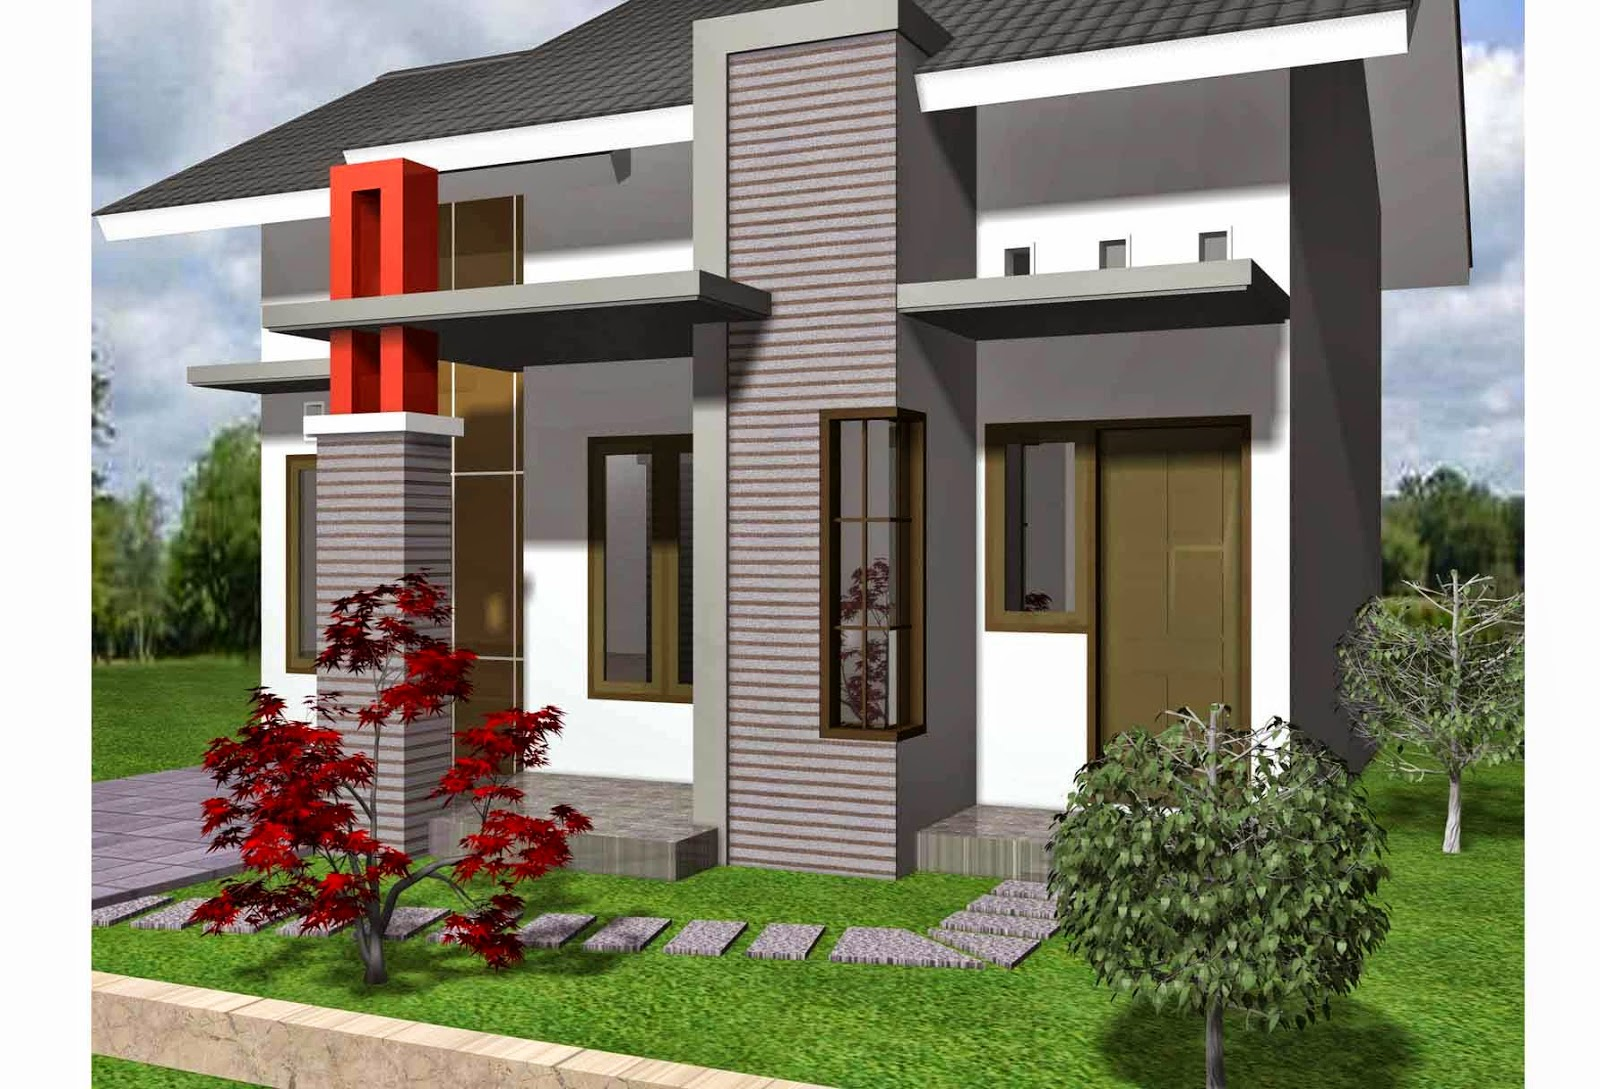 Konsep 24 Gambar Desain Rumah Minimalis Lengkap Gambar Minimalis